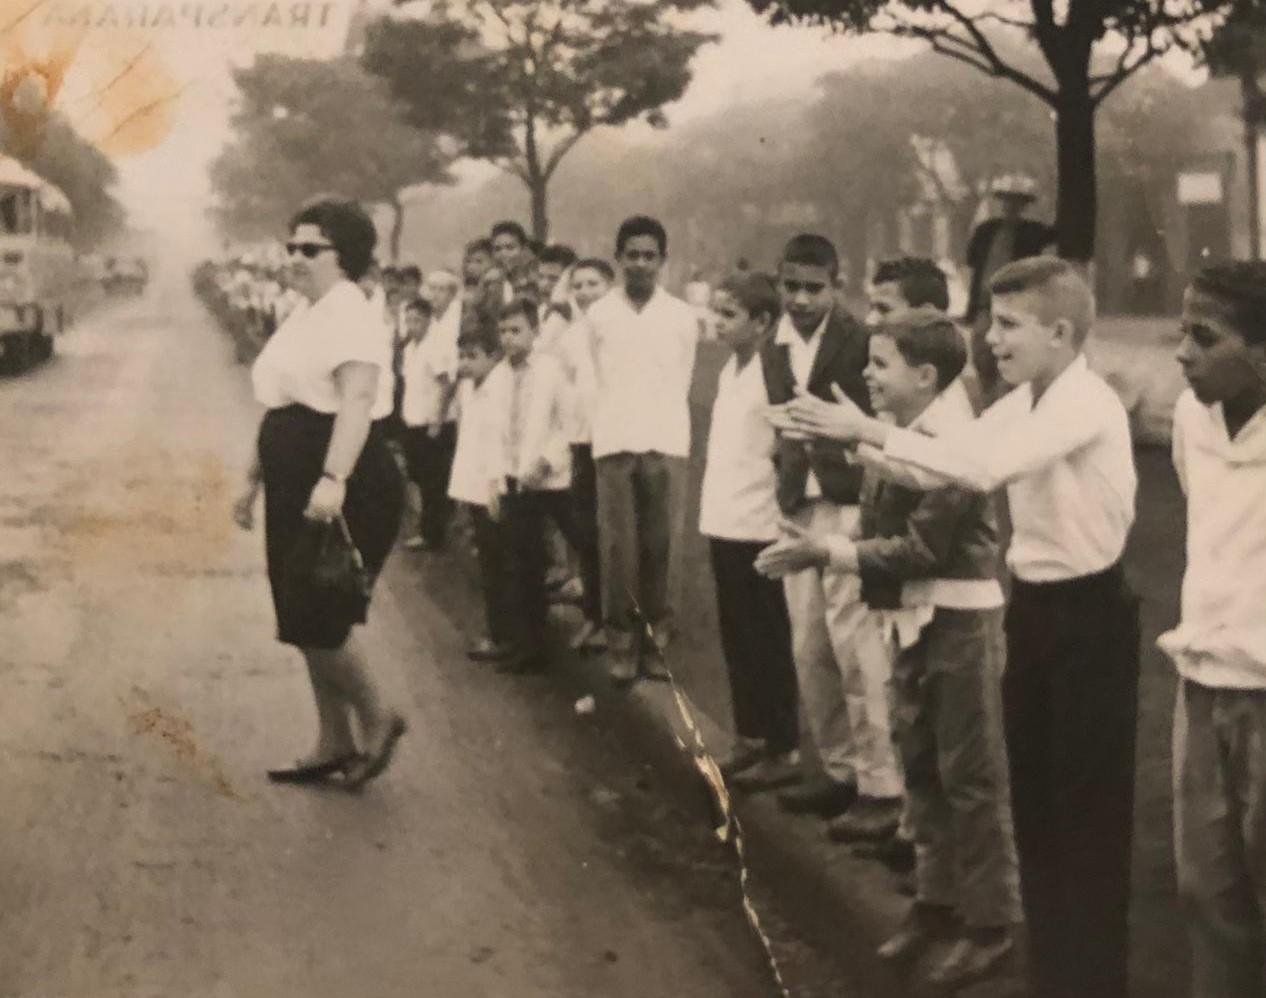 Desfile de aniversário de Maringá - Década de 1960